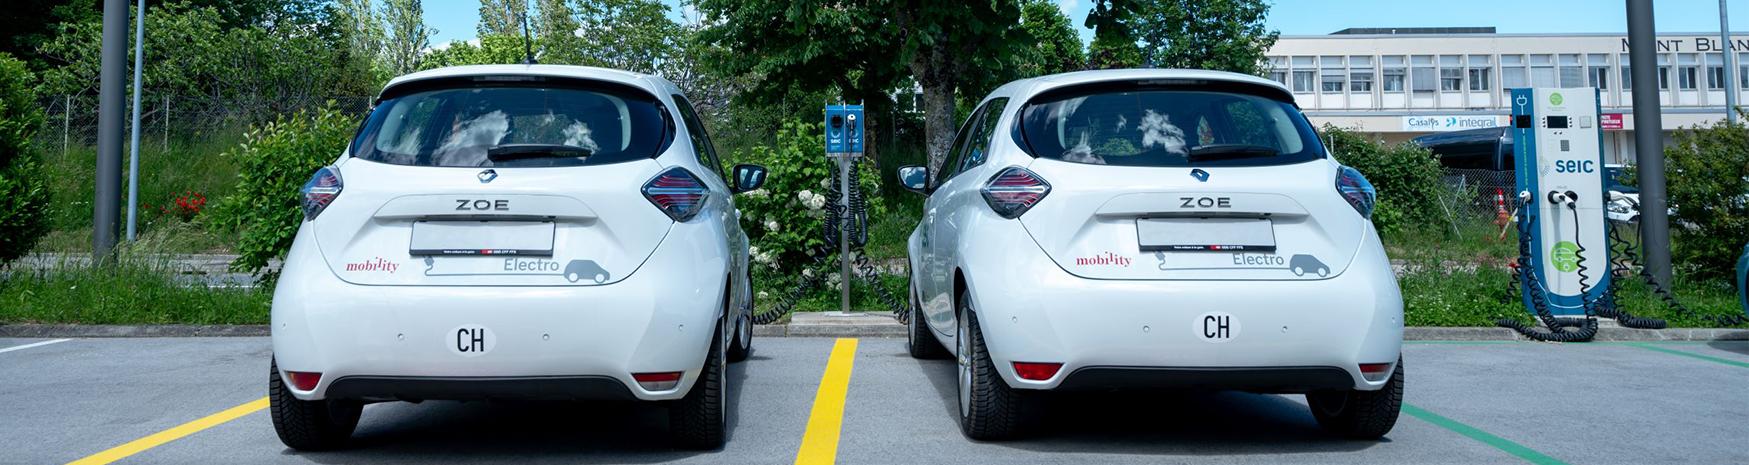 Car sharing électrique à Gland